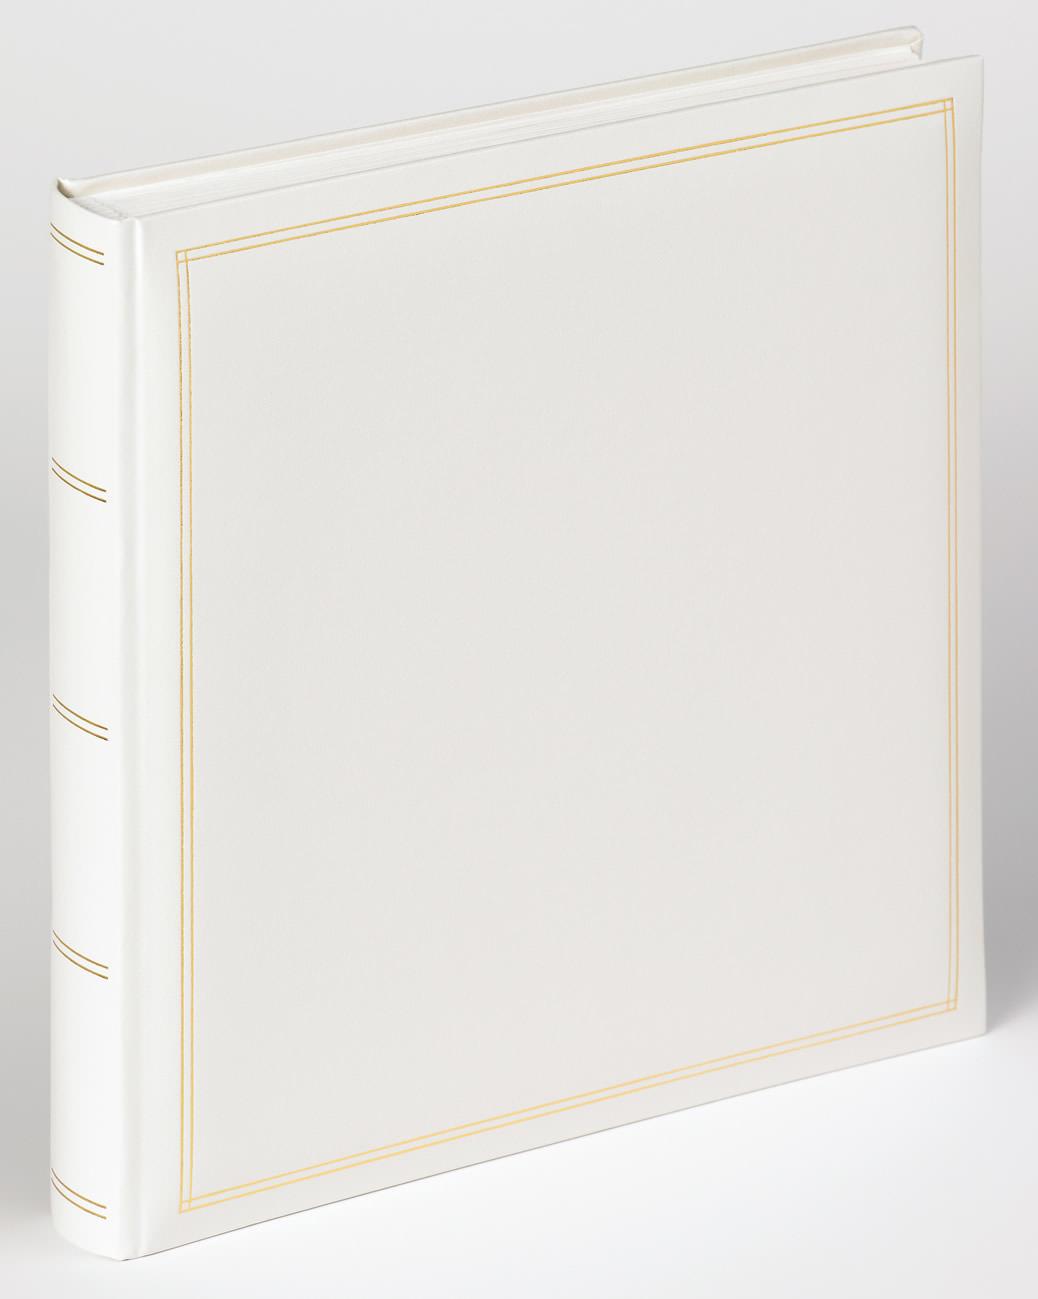 classicalbum monza wei 34x33 cm klassische fotoalben fotoalben bilderrahmen. Black Bedroom Furniture Sets. Home Design Ideas